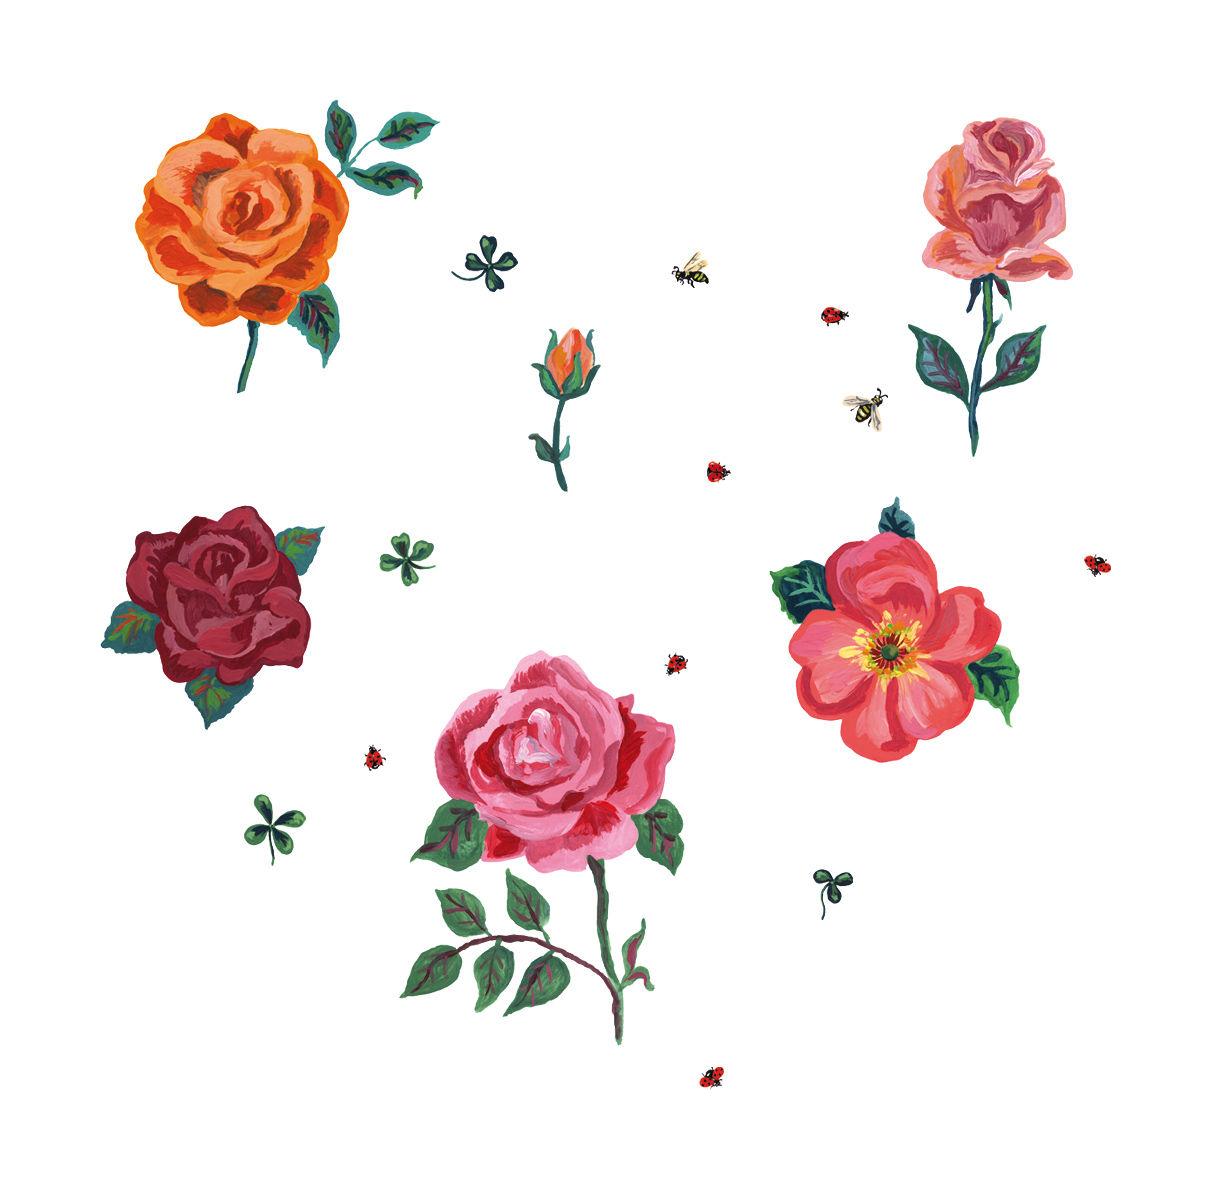 Déco - Stickers, papiers peints & posters - Sticker Des roses / Lot de 6 - Domestic - Roses multicolores / Lot de 6 - Vinyl